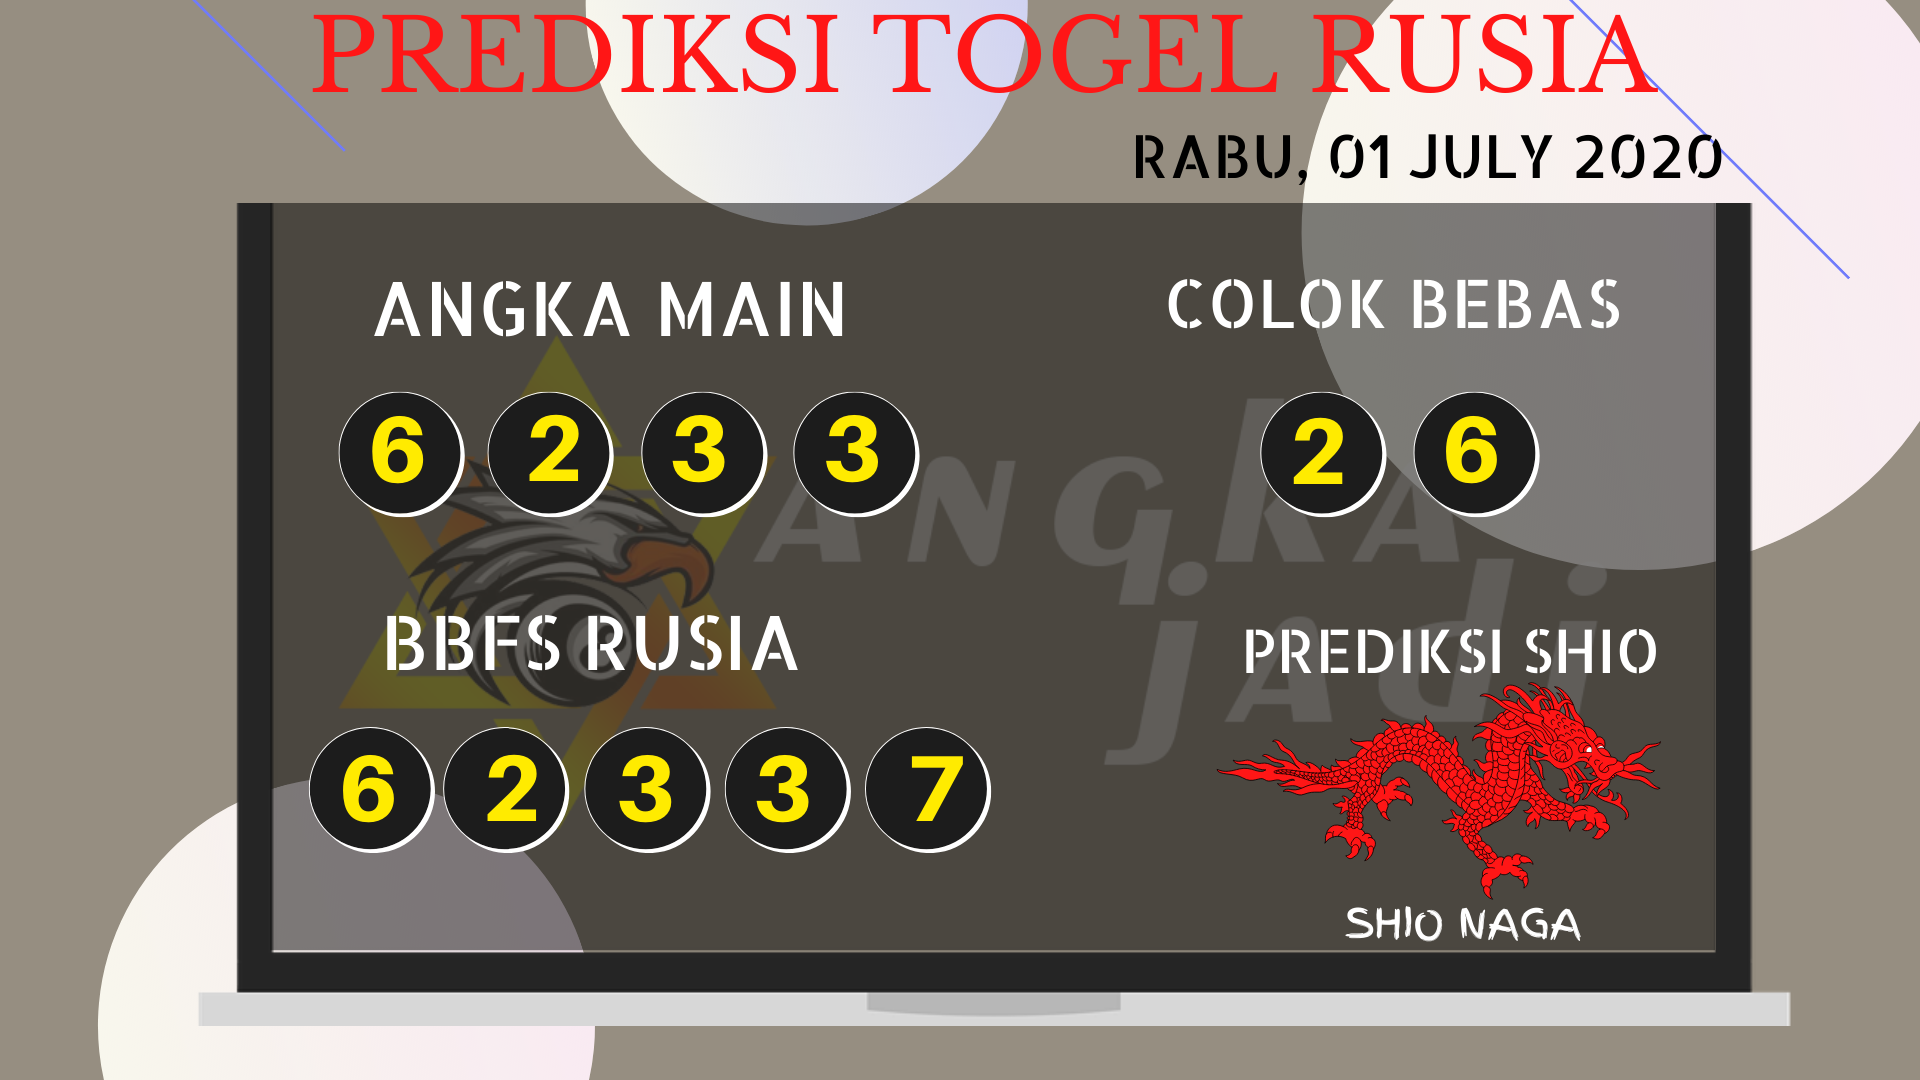 data RUSIA 2020, prediksi rusia hari ini 2020, keluaran rusia 2020, pengeluaran rusia 2020, paito rusia 2020, prediksi togel rusia